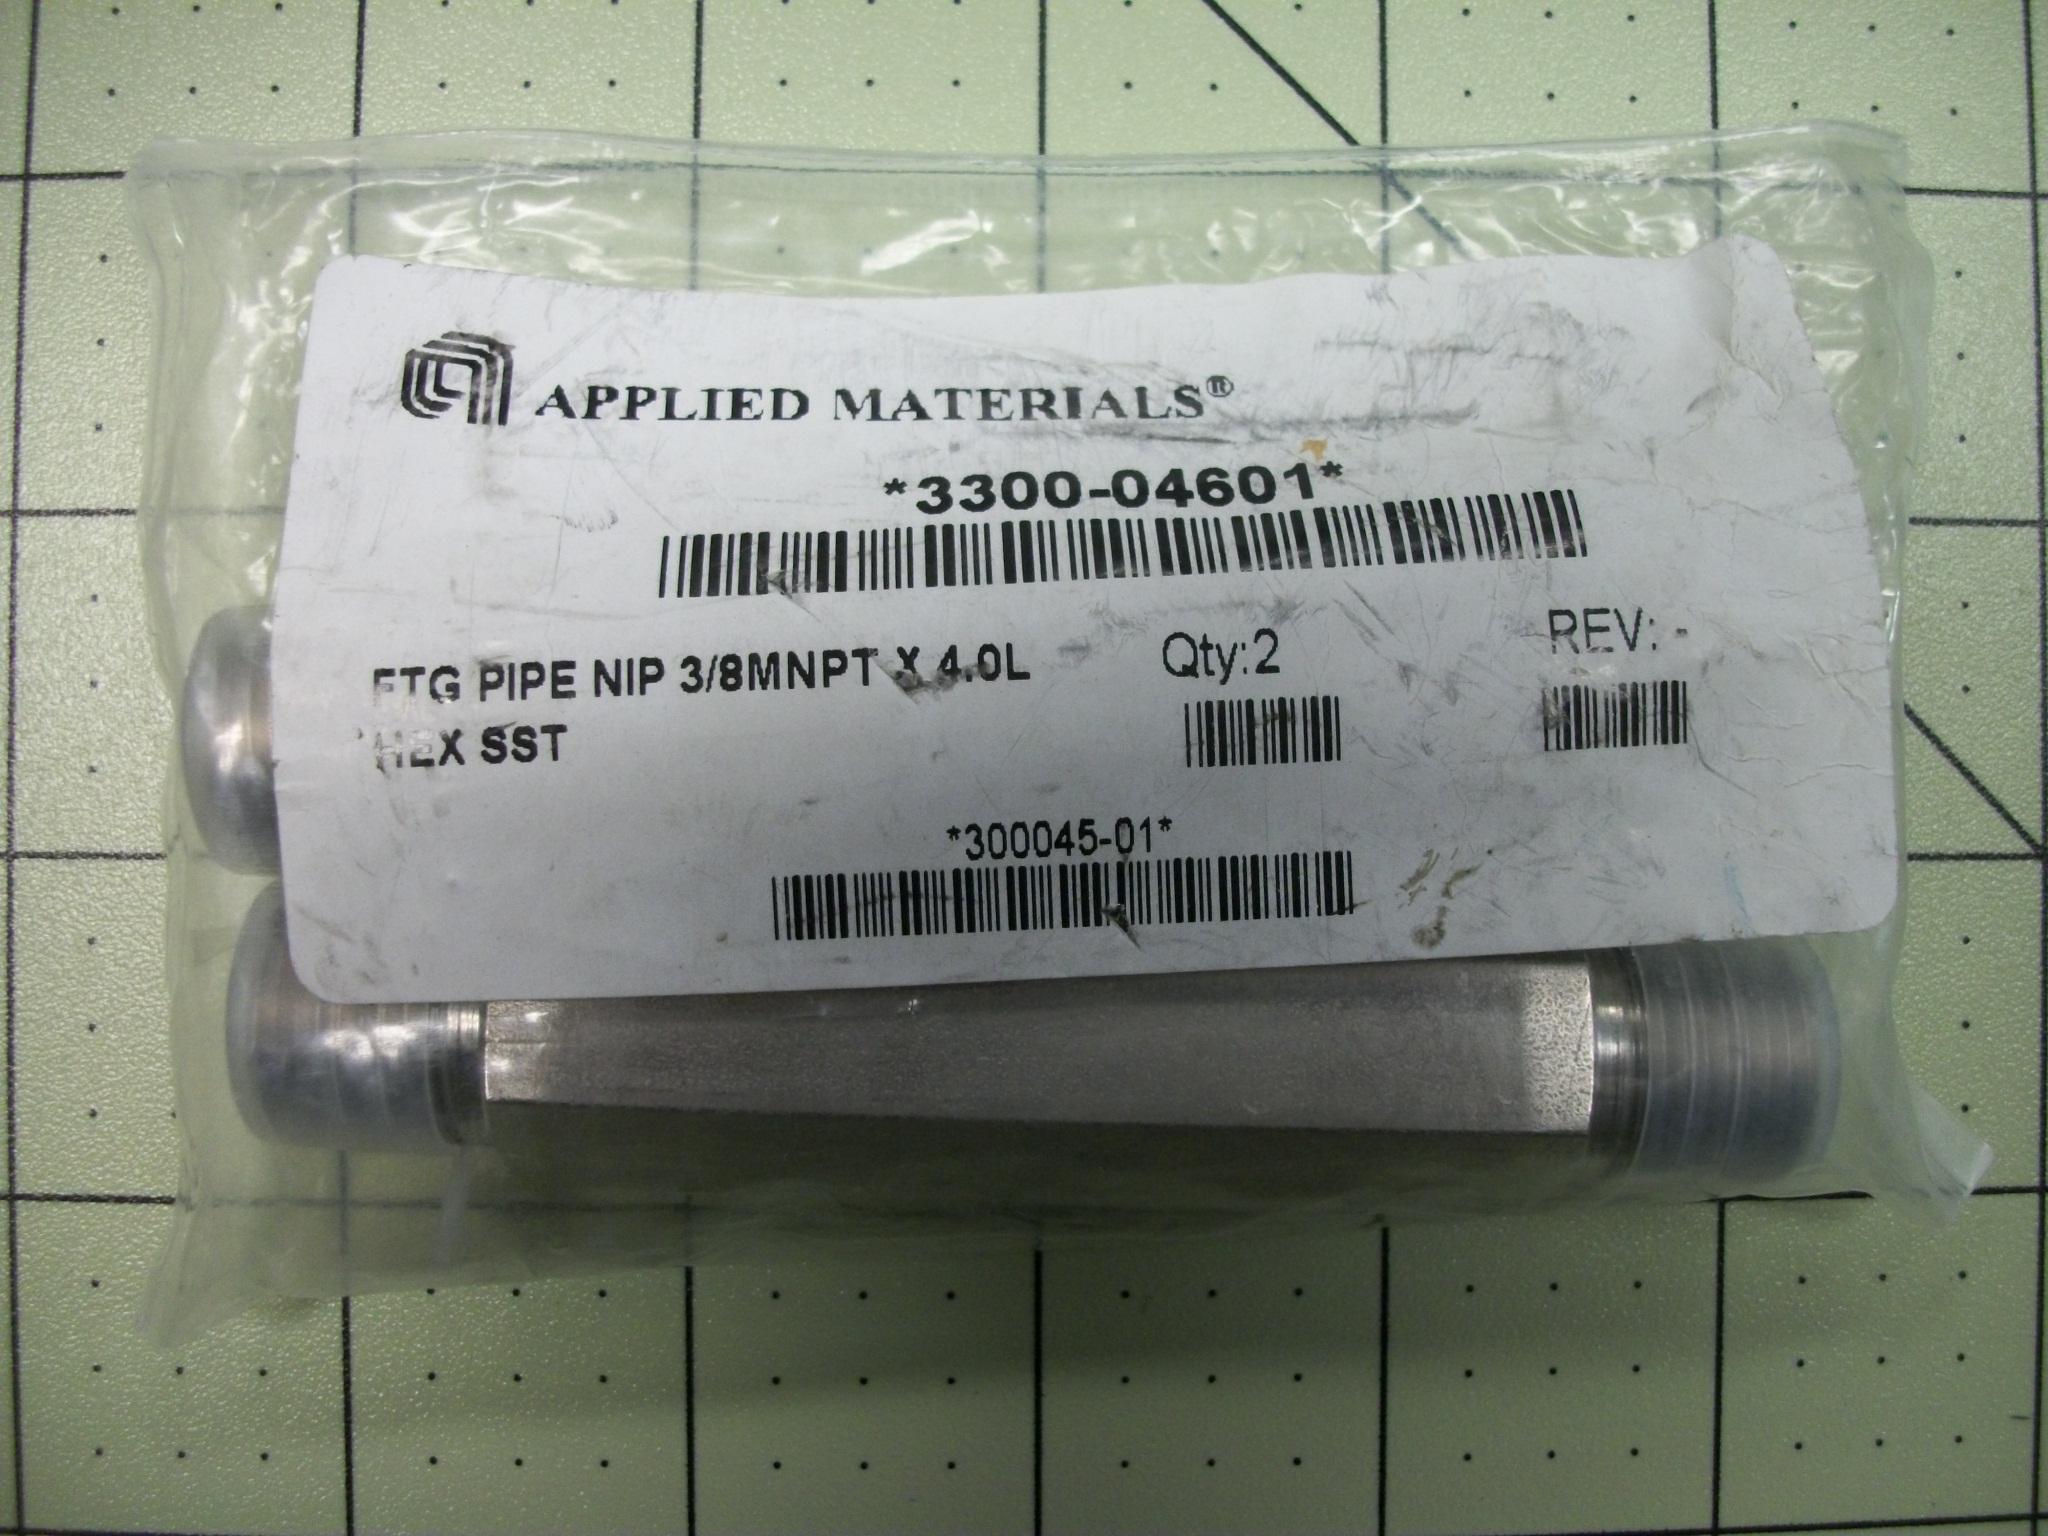 FTG Pipe NIP 3/8MNPT X 4.0L